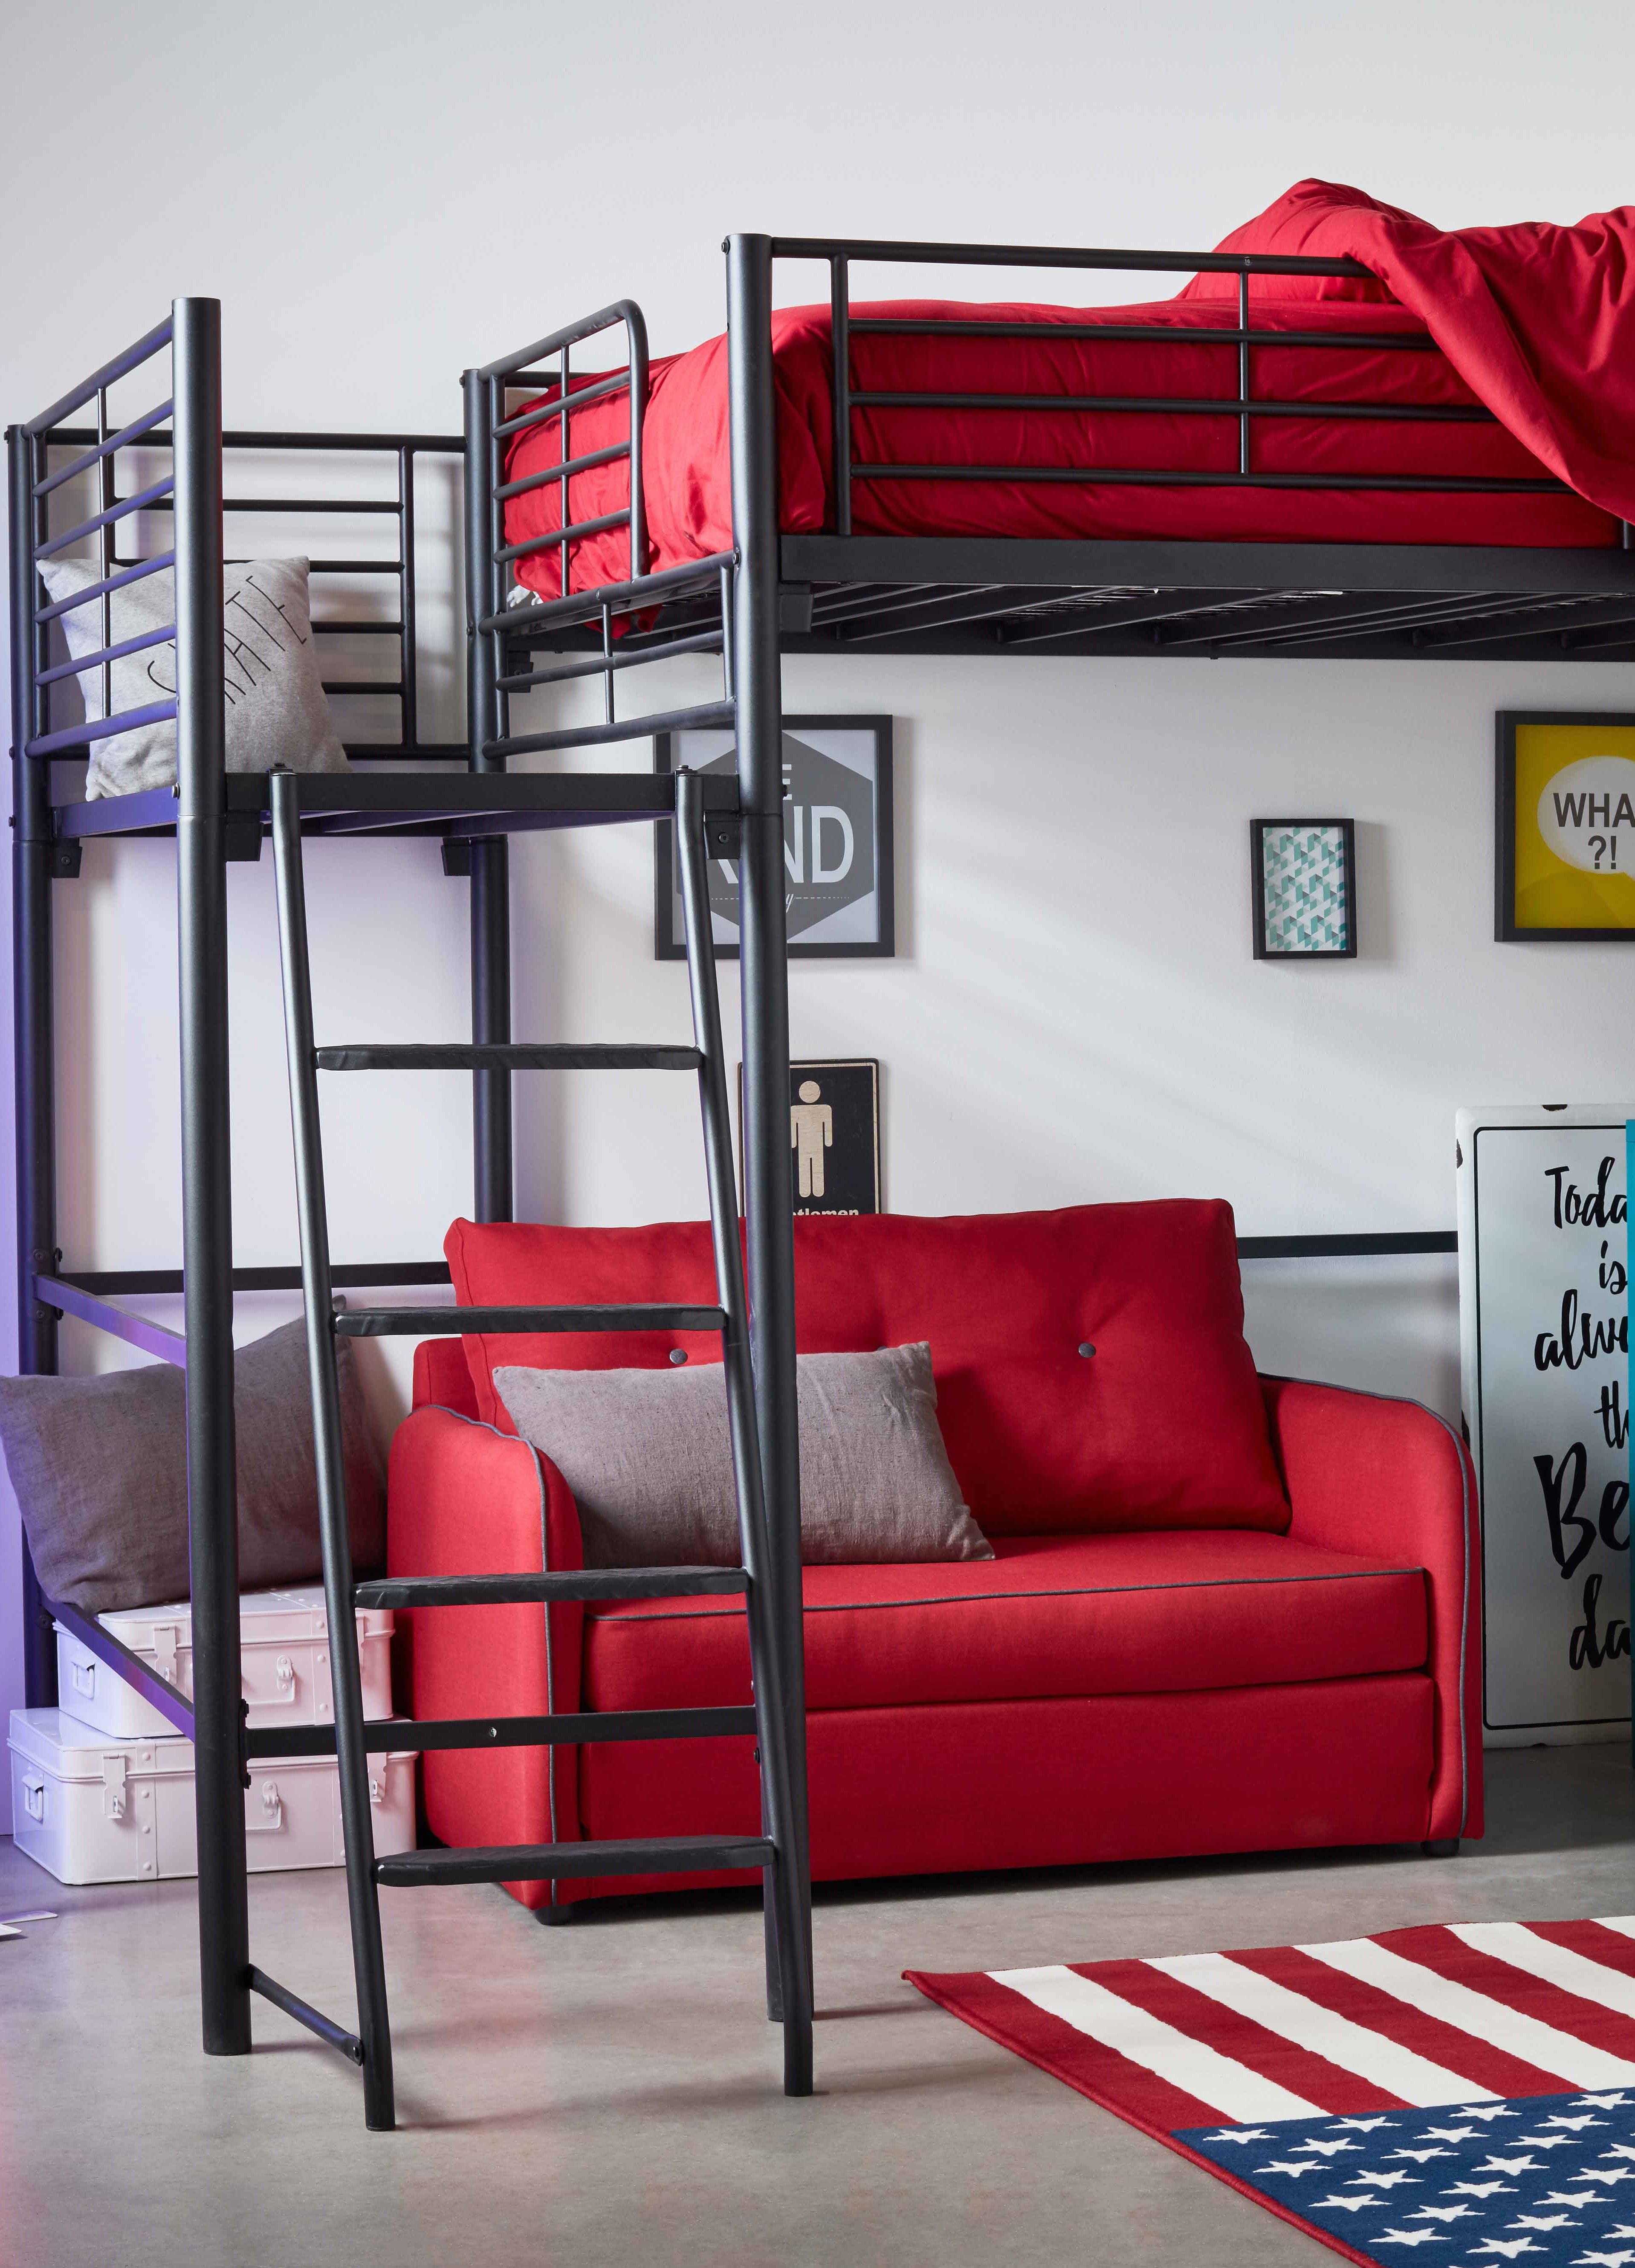 alexy lit mezzanine 2 places noir avec plateforme decoration deco maison alinea lit mezzanine 2 places mezzanine 2 places lit mezzanine